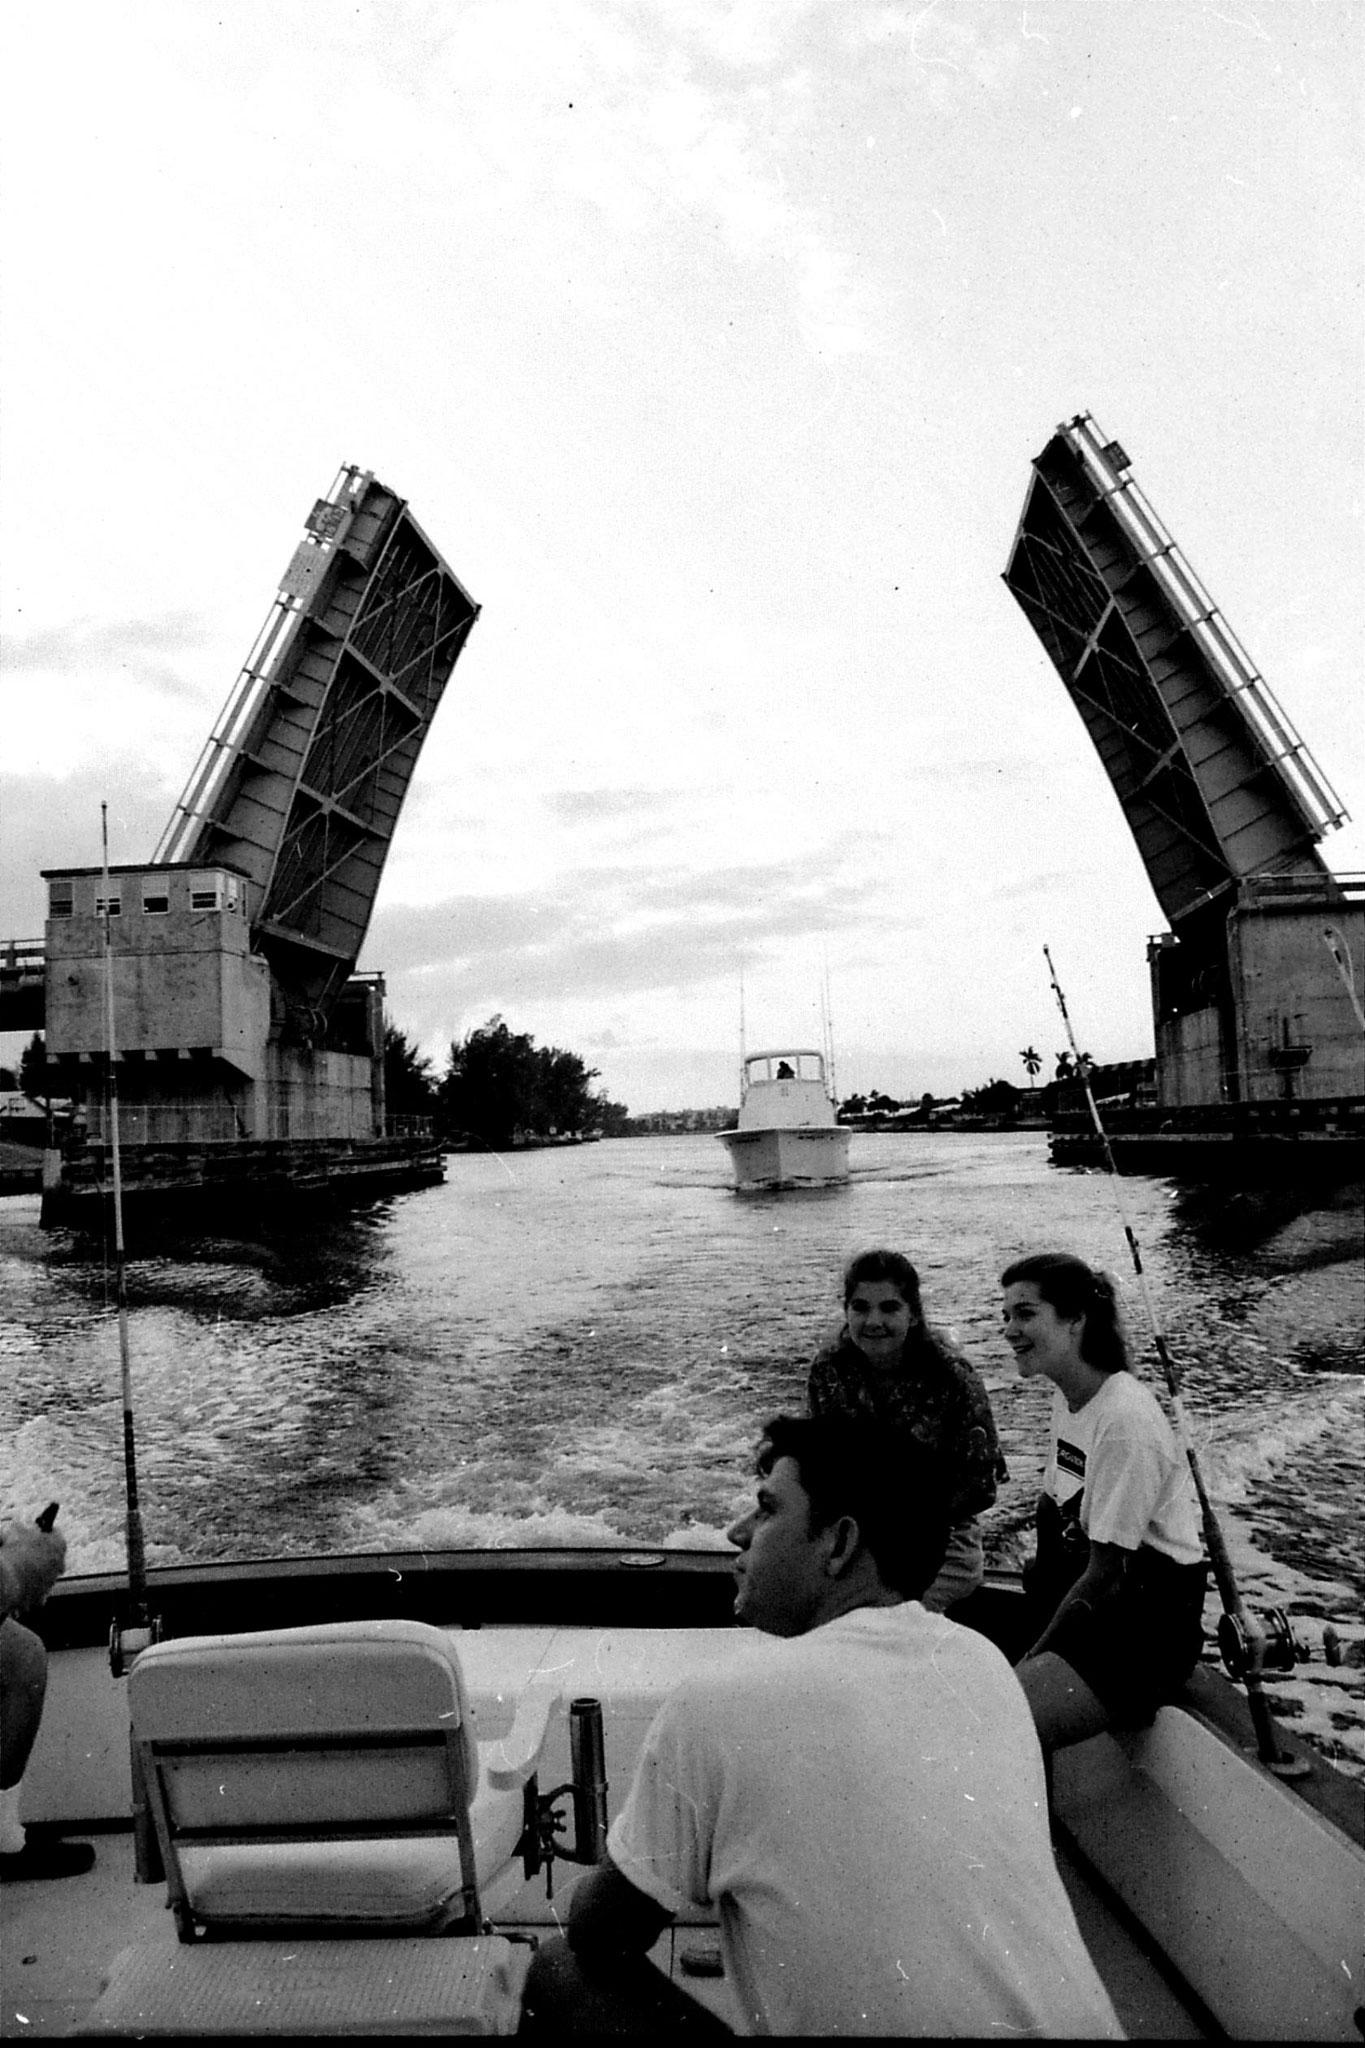 12/1990: 19: Fishing trip